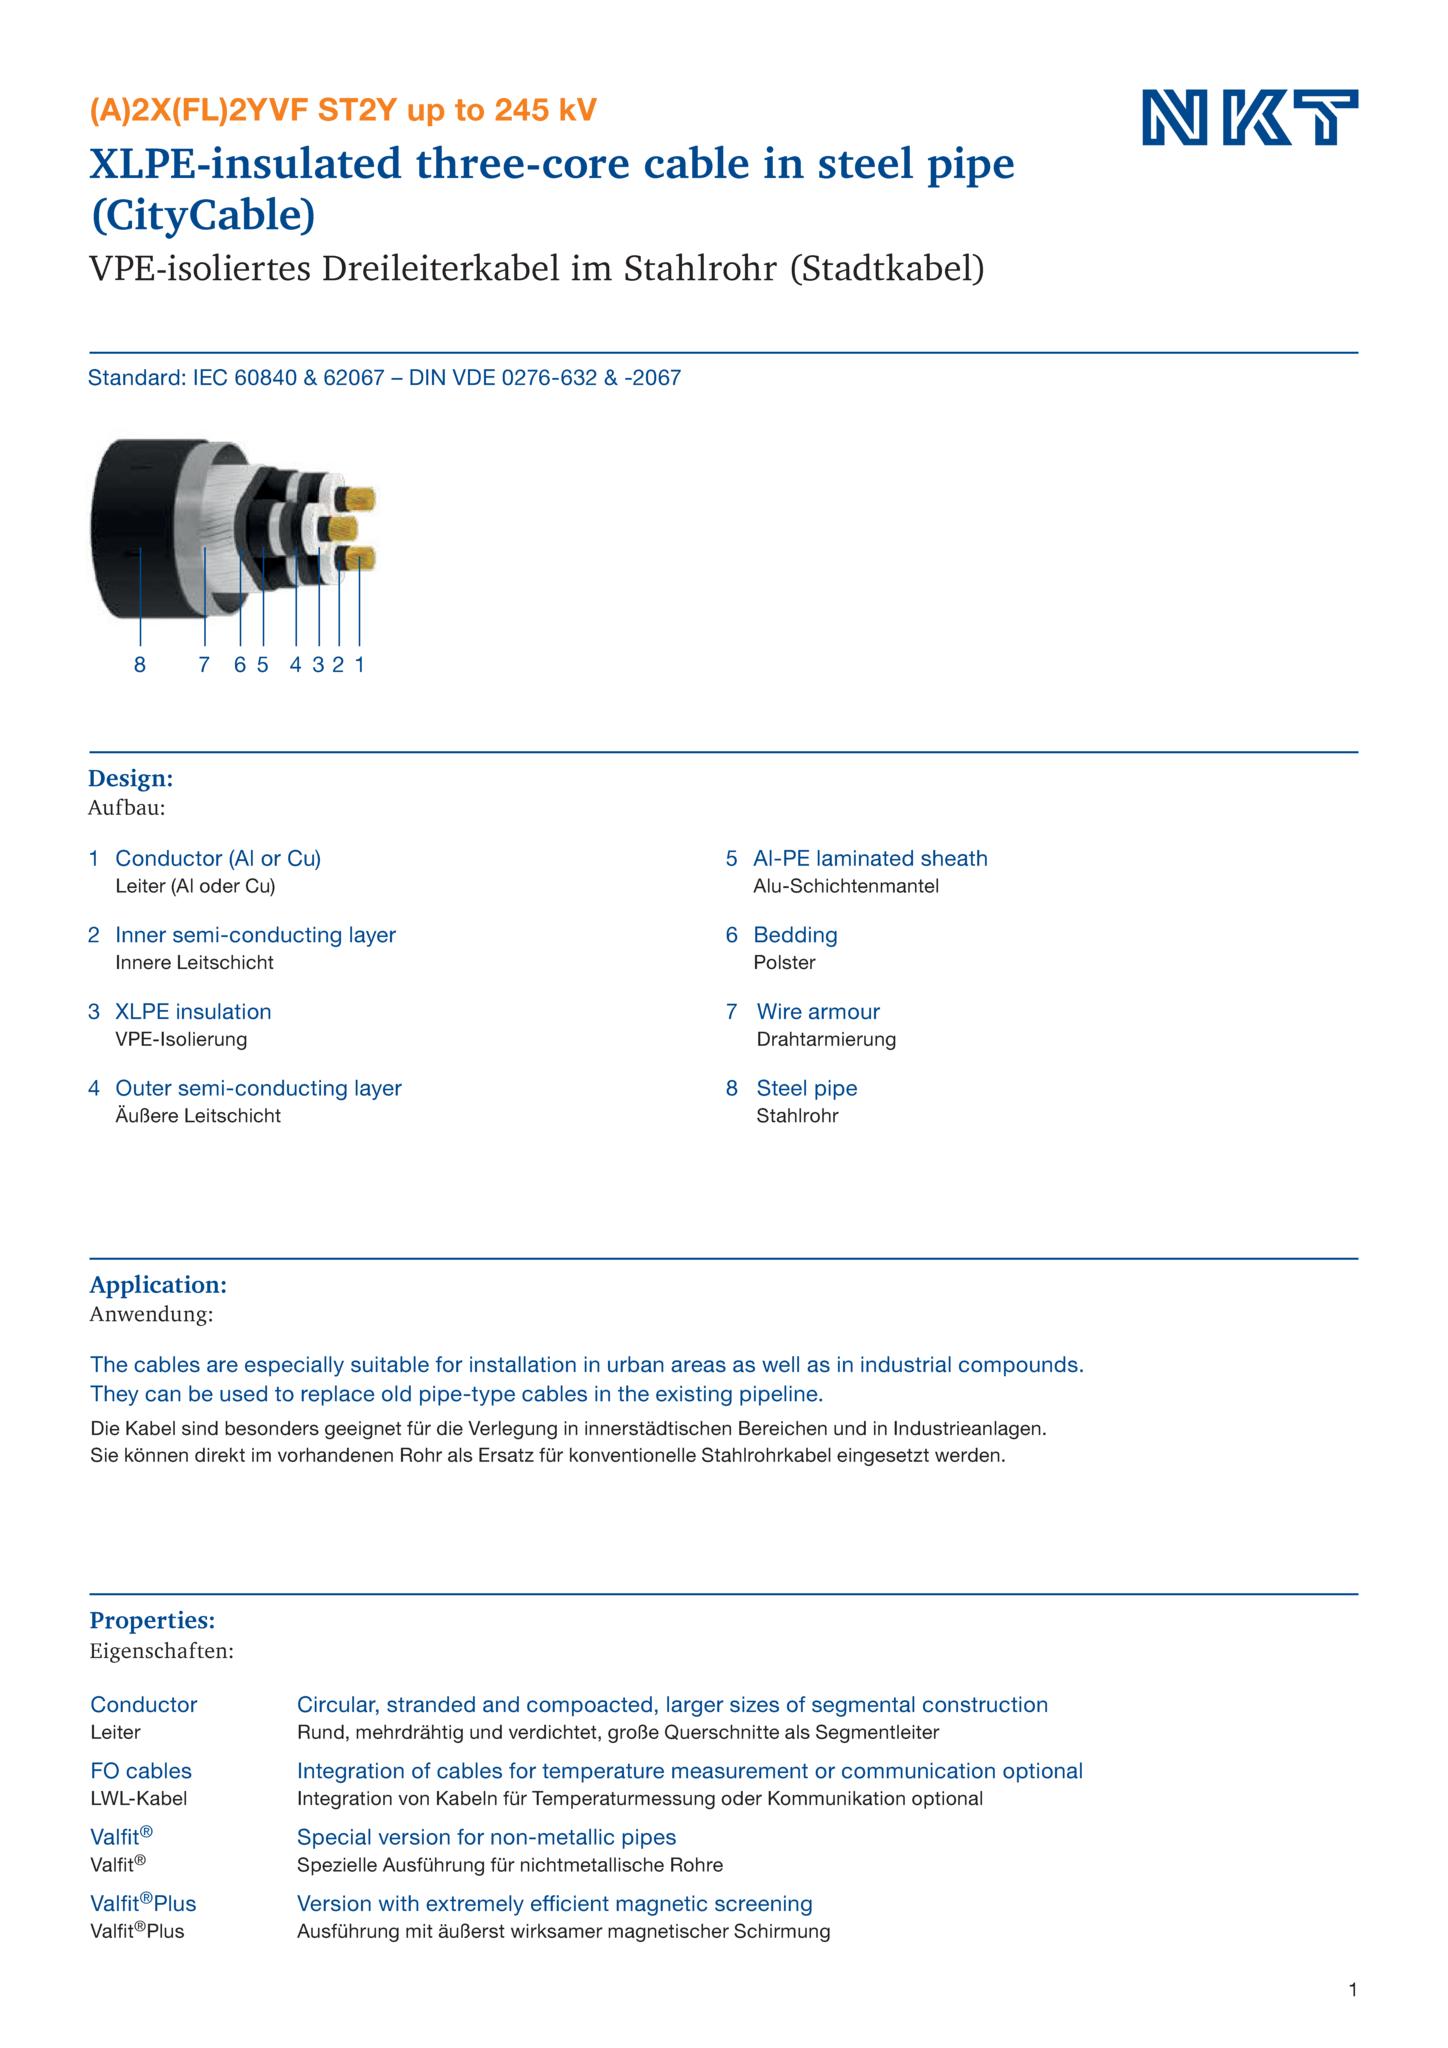 _A_2X_FL_2YVF_ST2Y_up_to_245_kV_DS_DE_EN.pdf